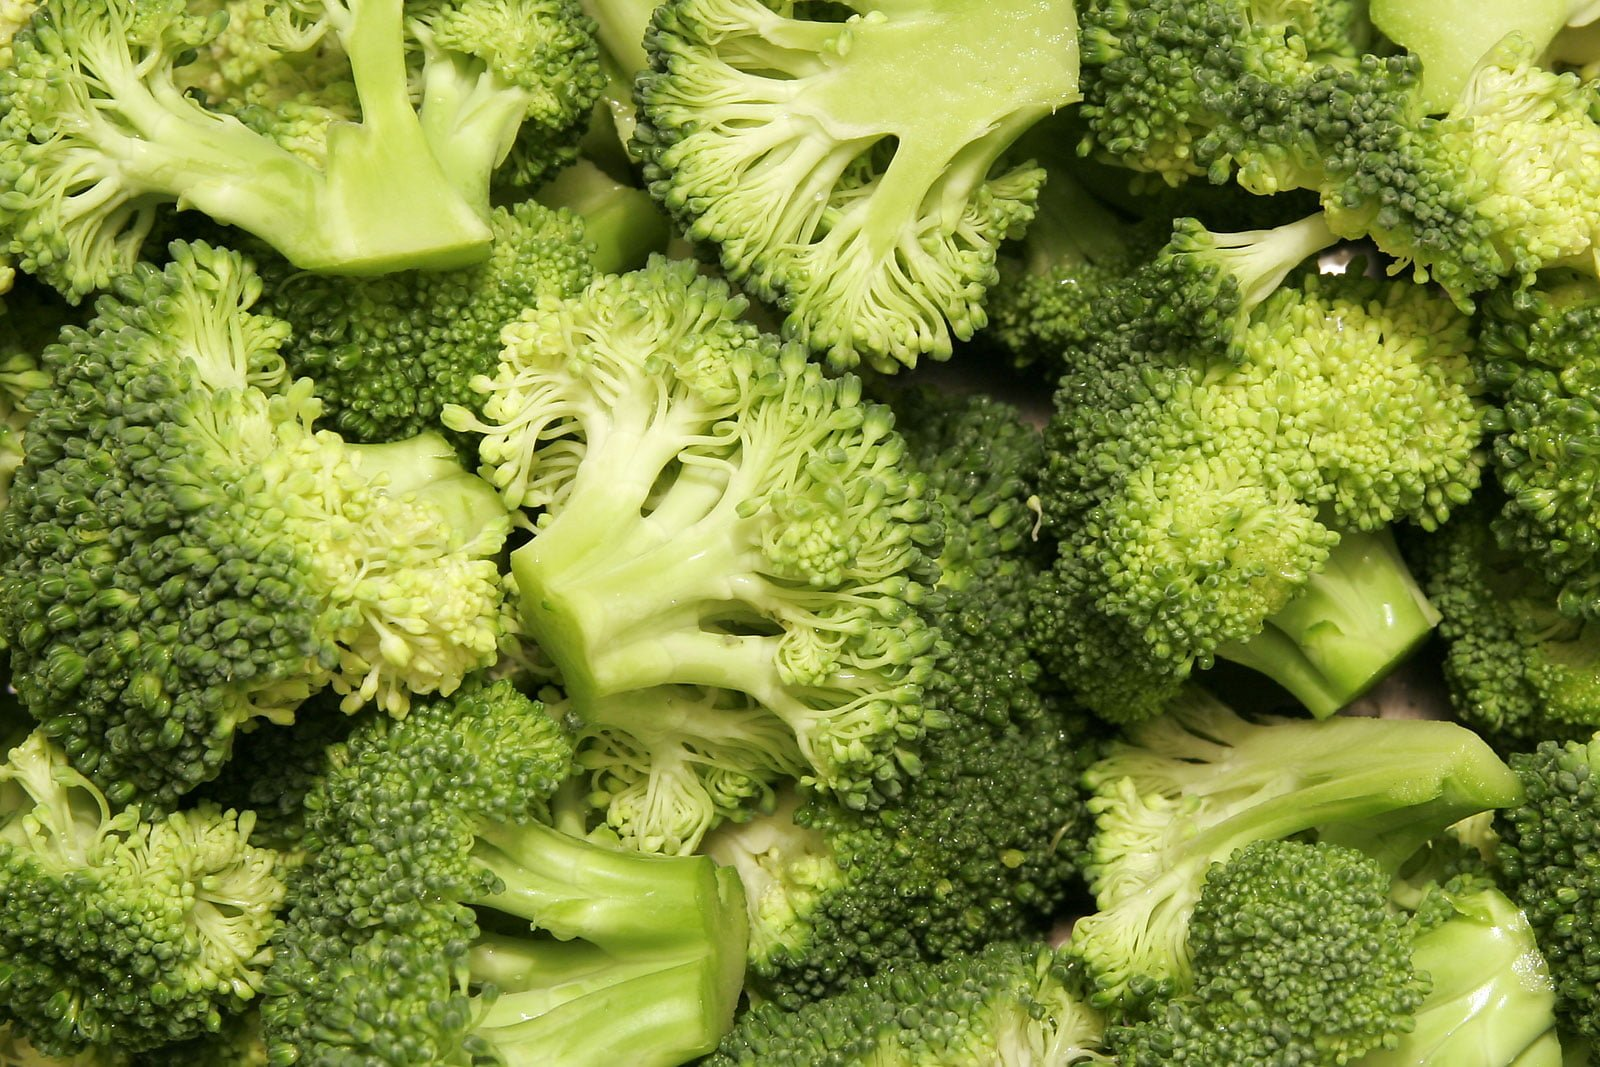 Beneficio para la salud del brócoli, remedio casero para la enfermedad de Behcet